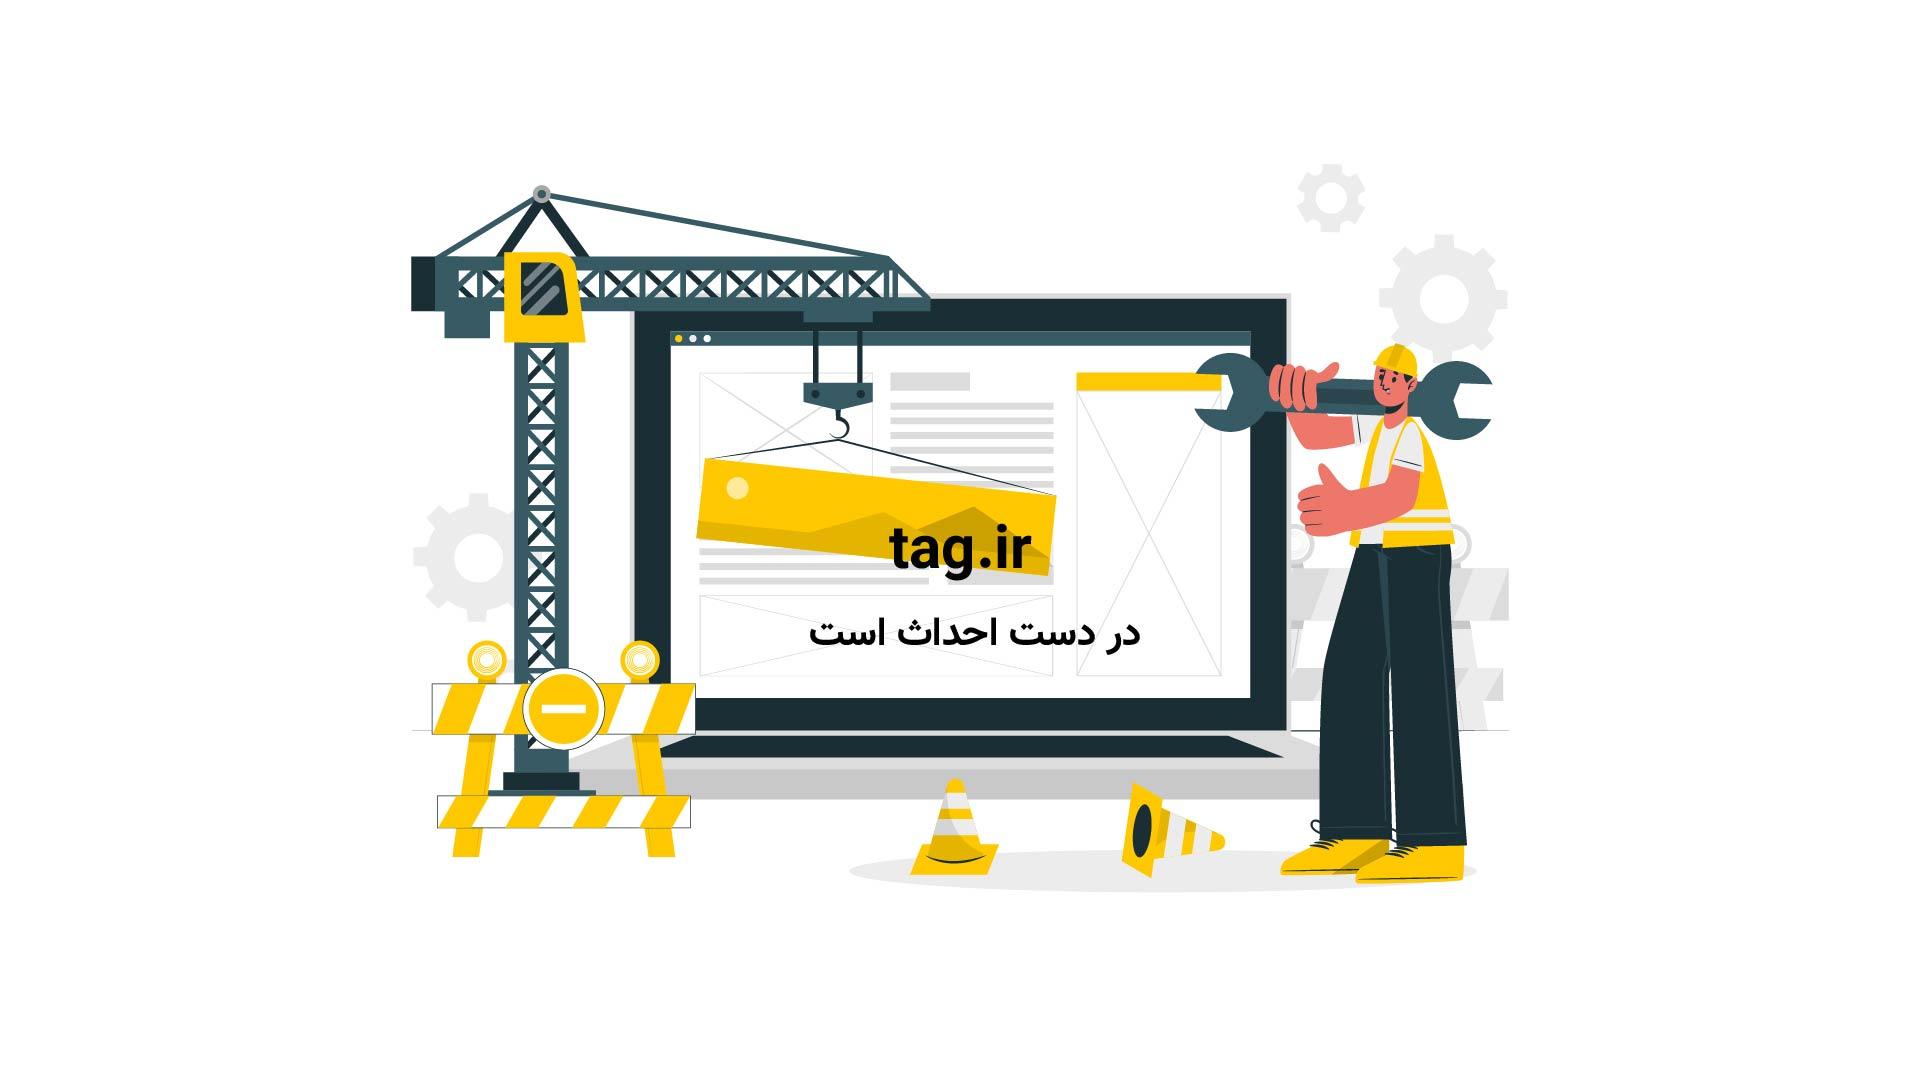 تصاویر هوایی از خیابان های خالی از سکنه در حلب | فیلم